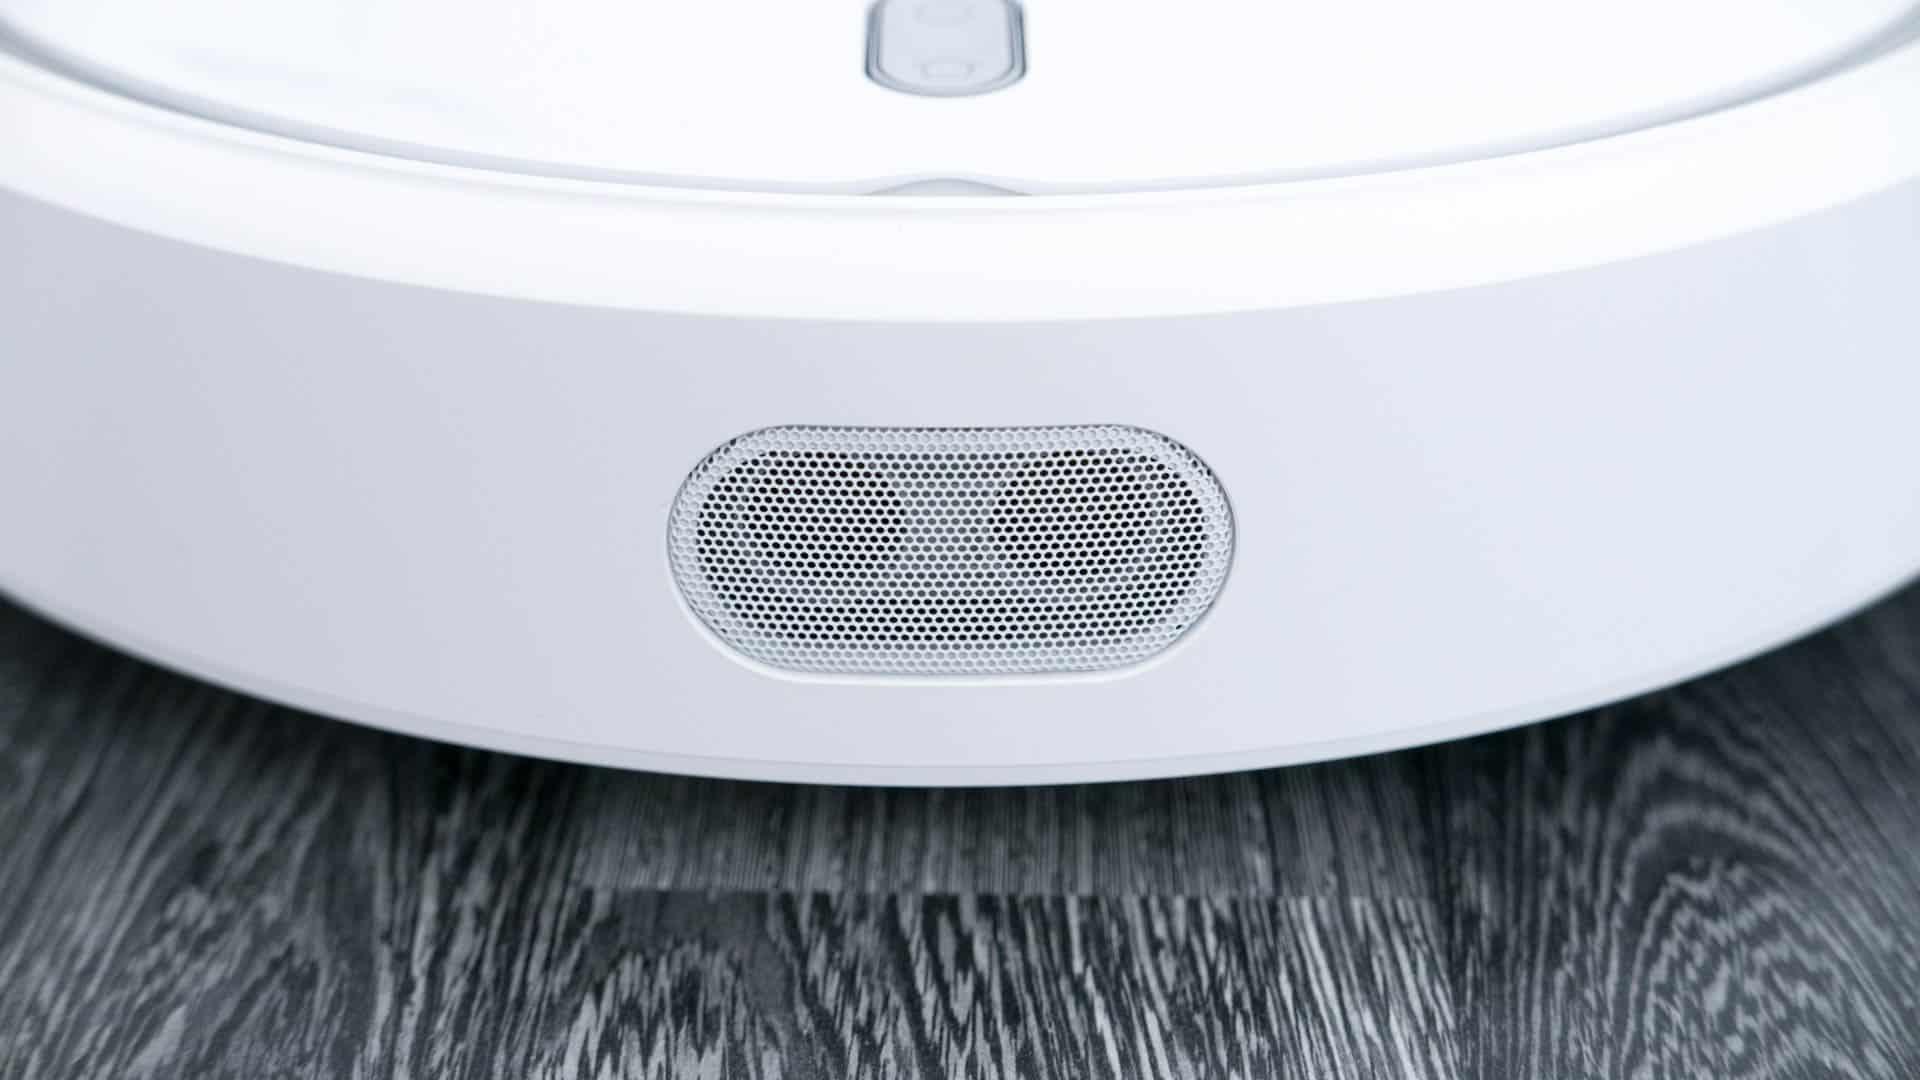 Xiaomi-Mi-Staubsauger-Roboter-im-Test-Ultraschall-Sensor